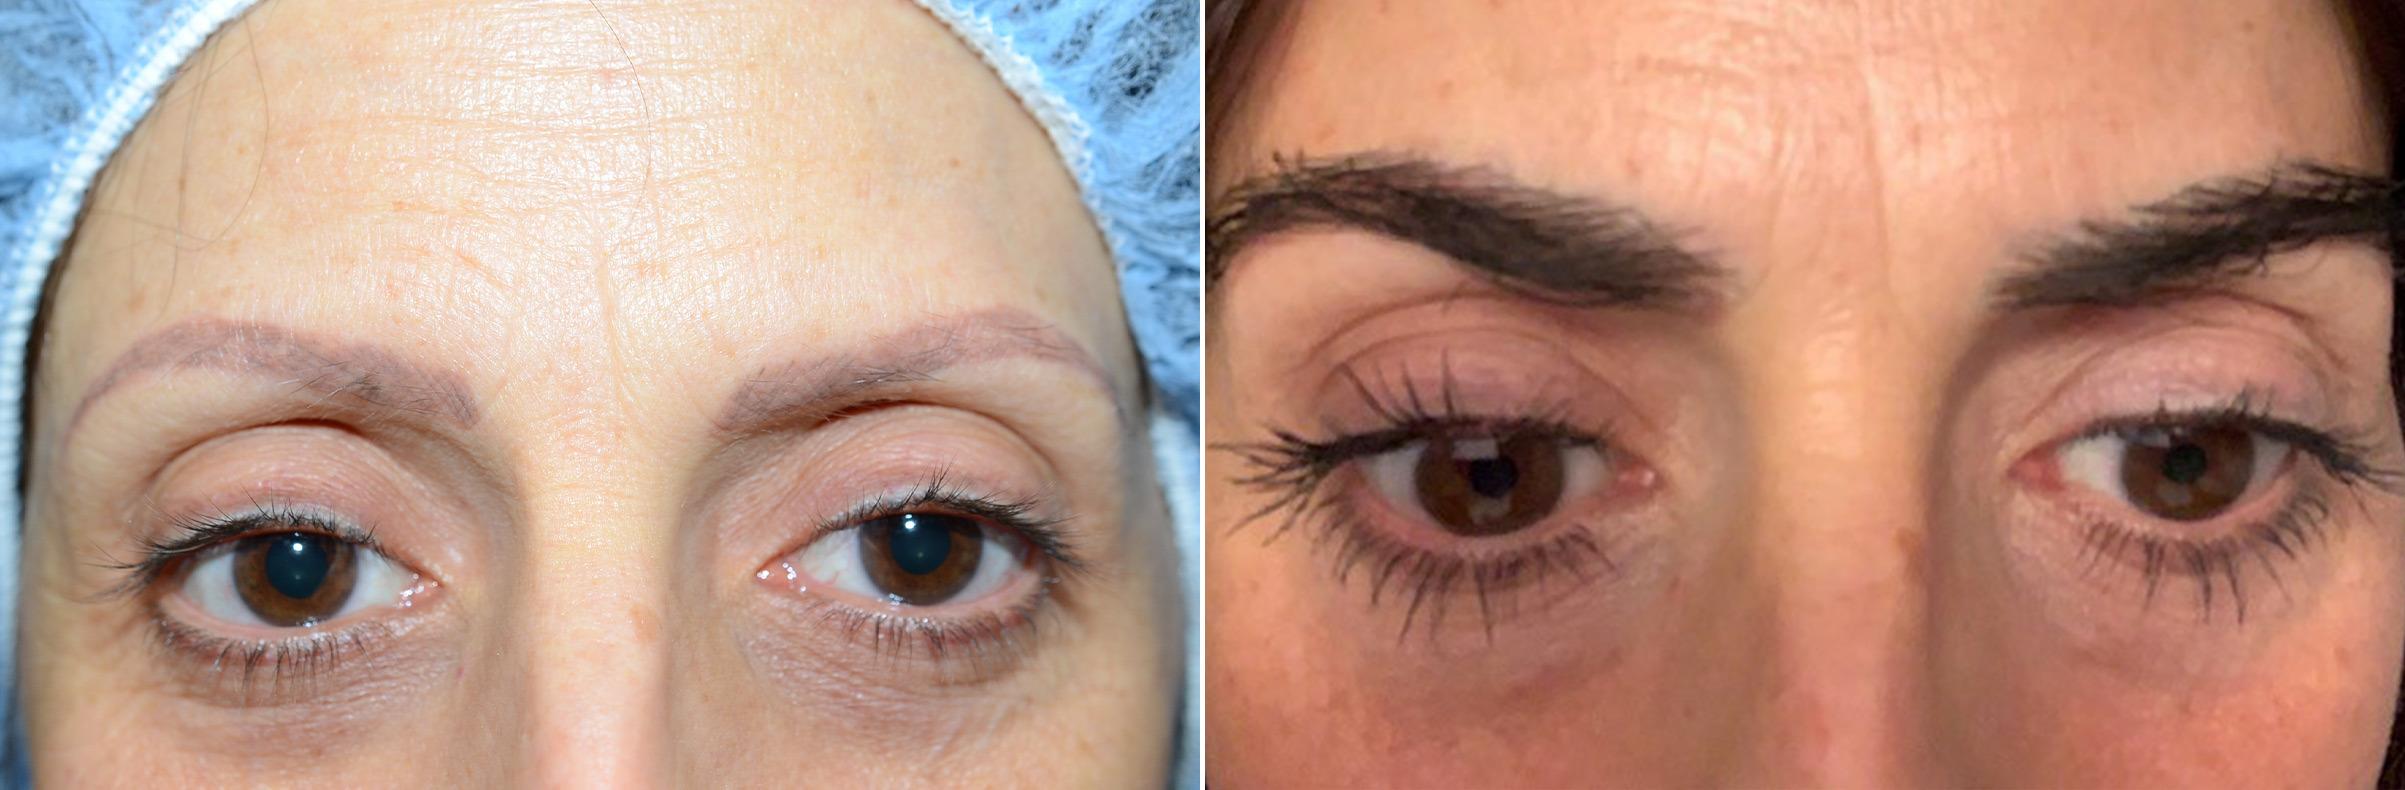 implante de cejas antes y después